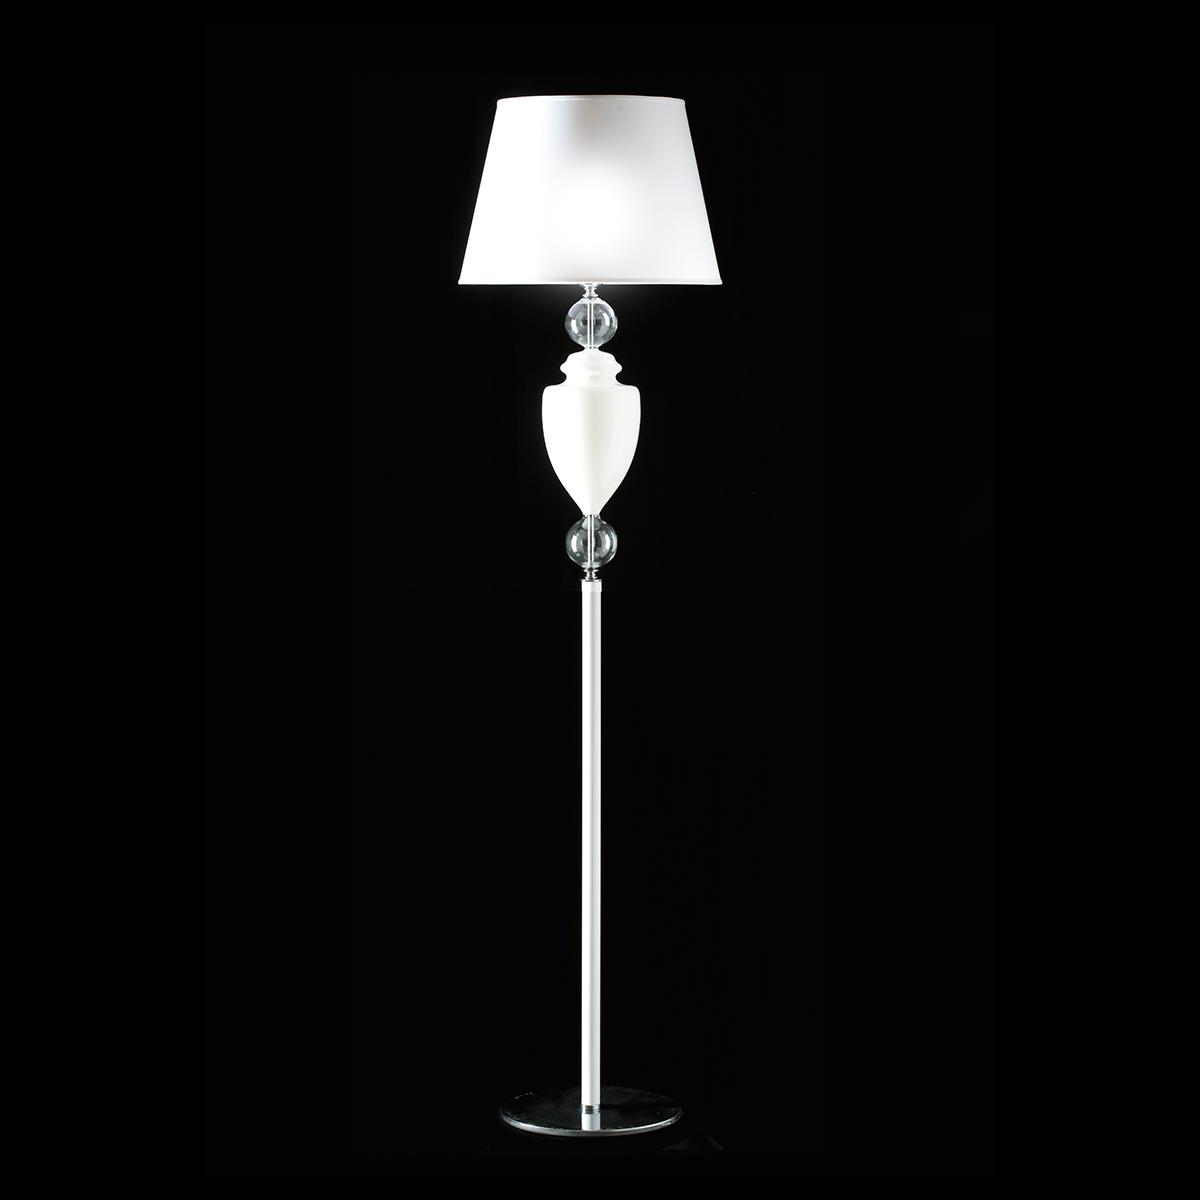 Ducale lampada da terra 53610 - на 360.ru: цены, описание, характеристики, где купить в Москве.